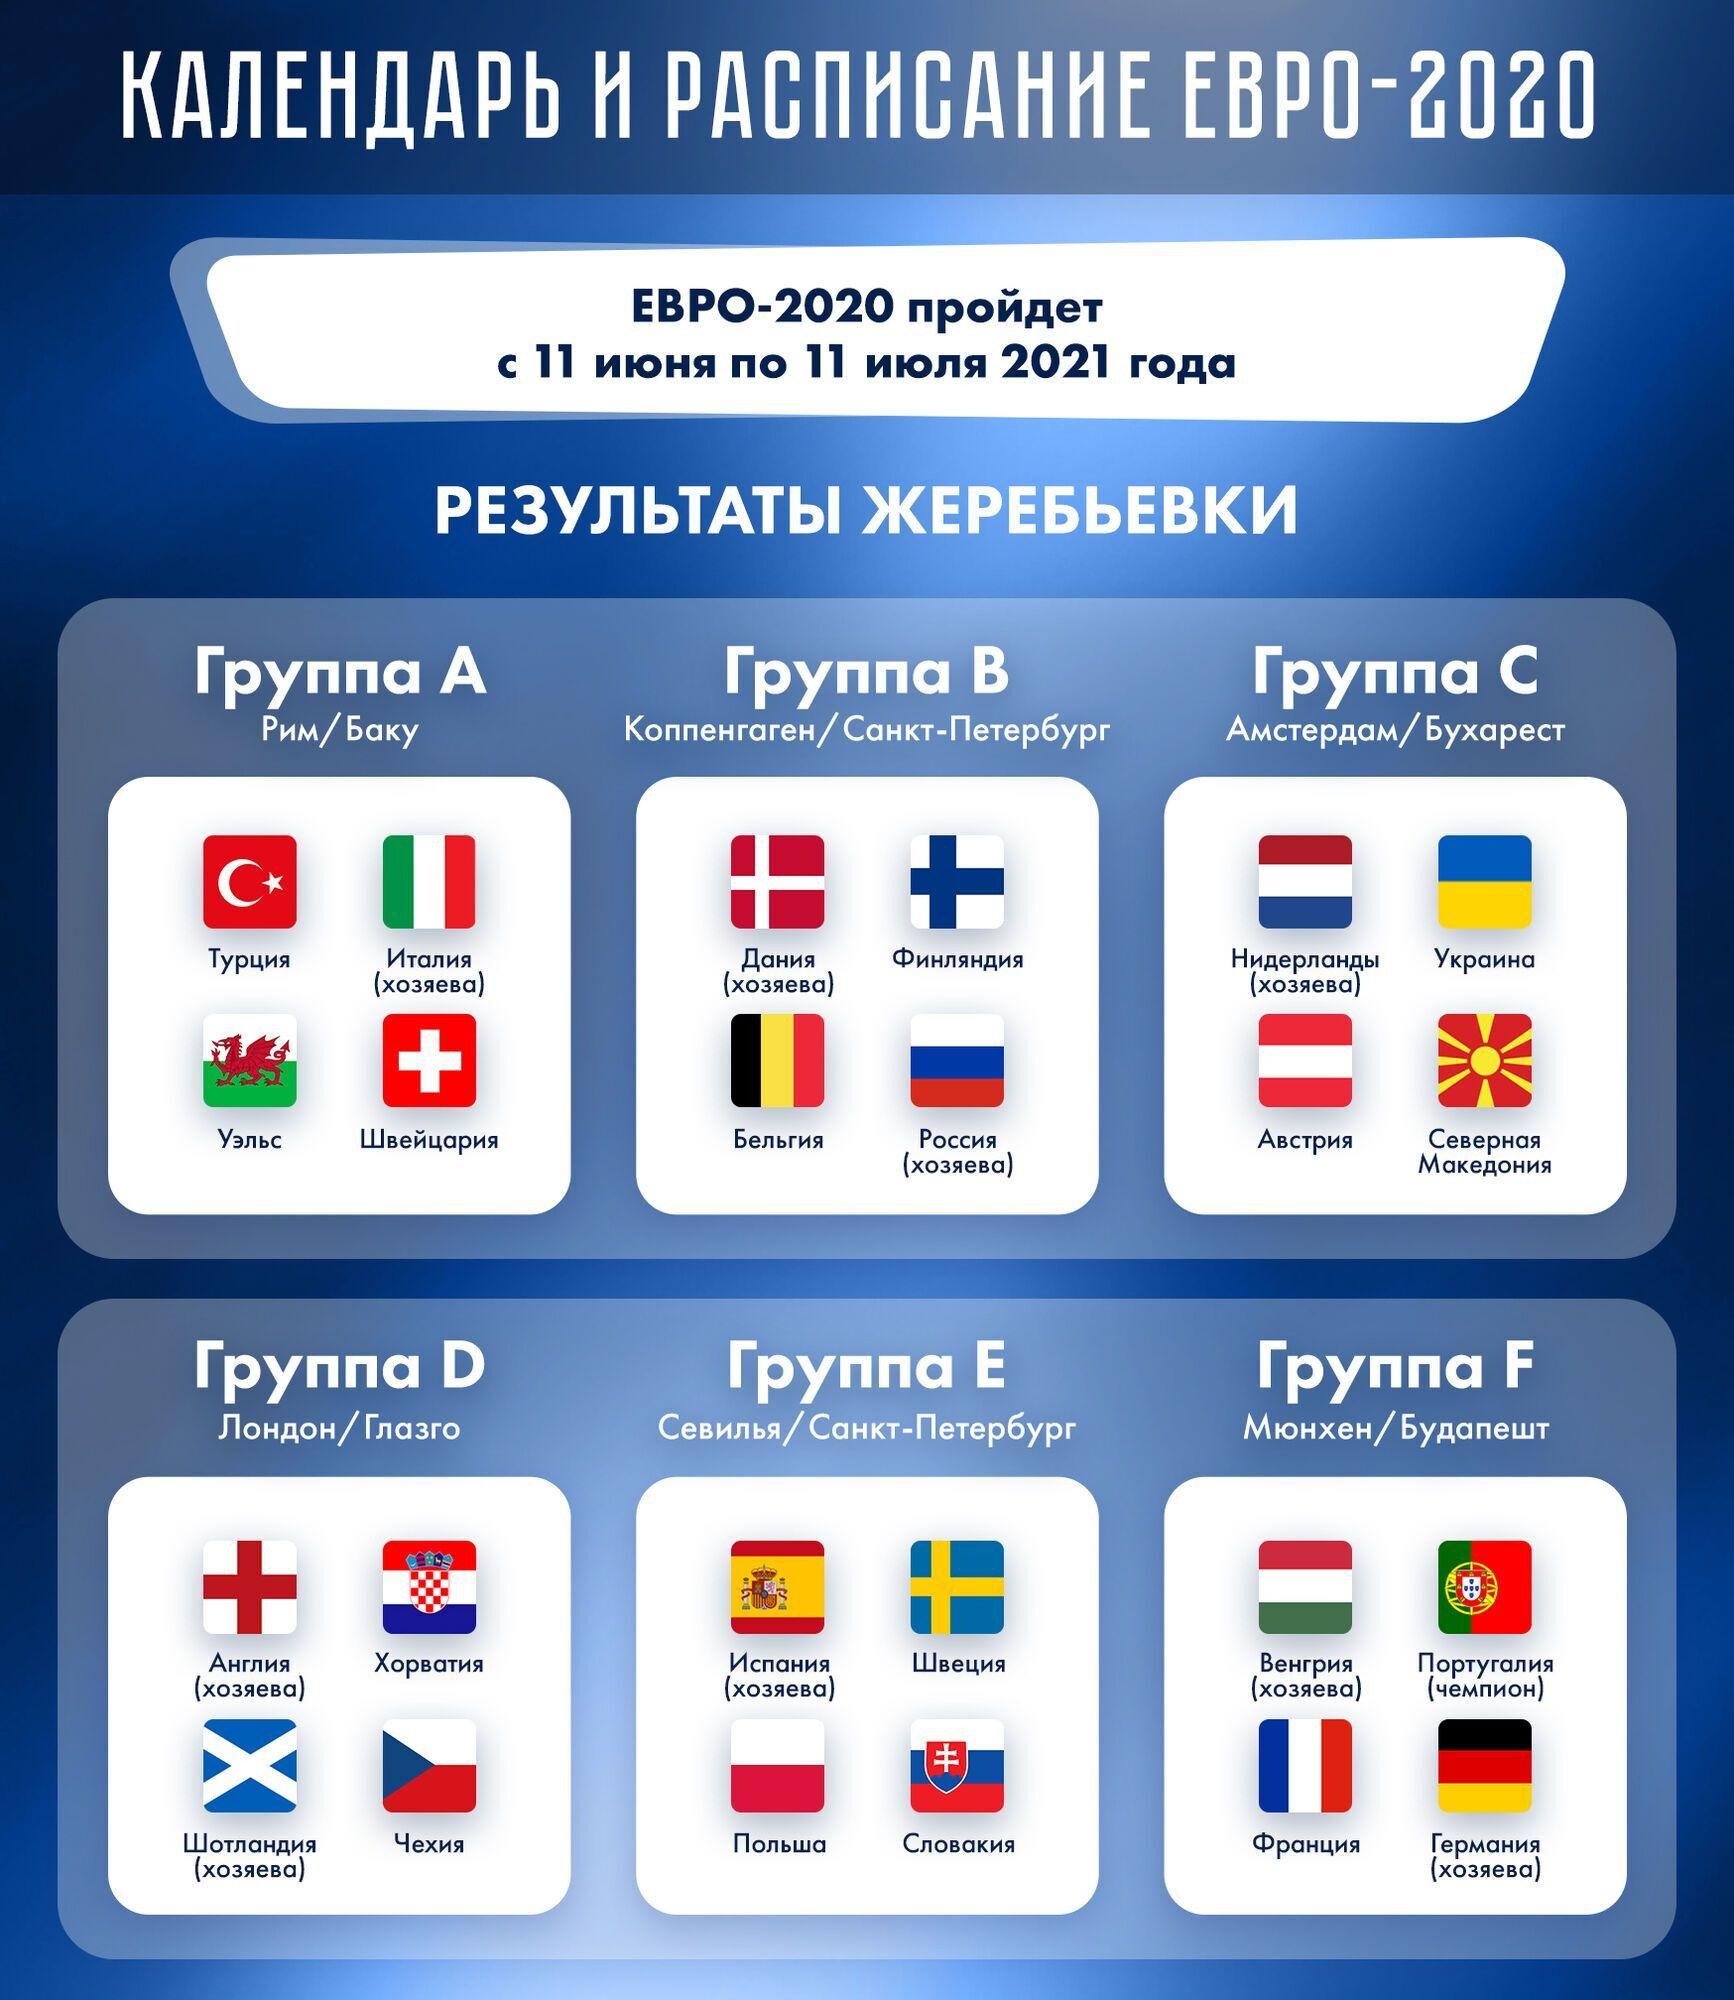 Склад груп на Євро-2020